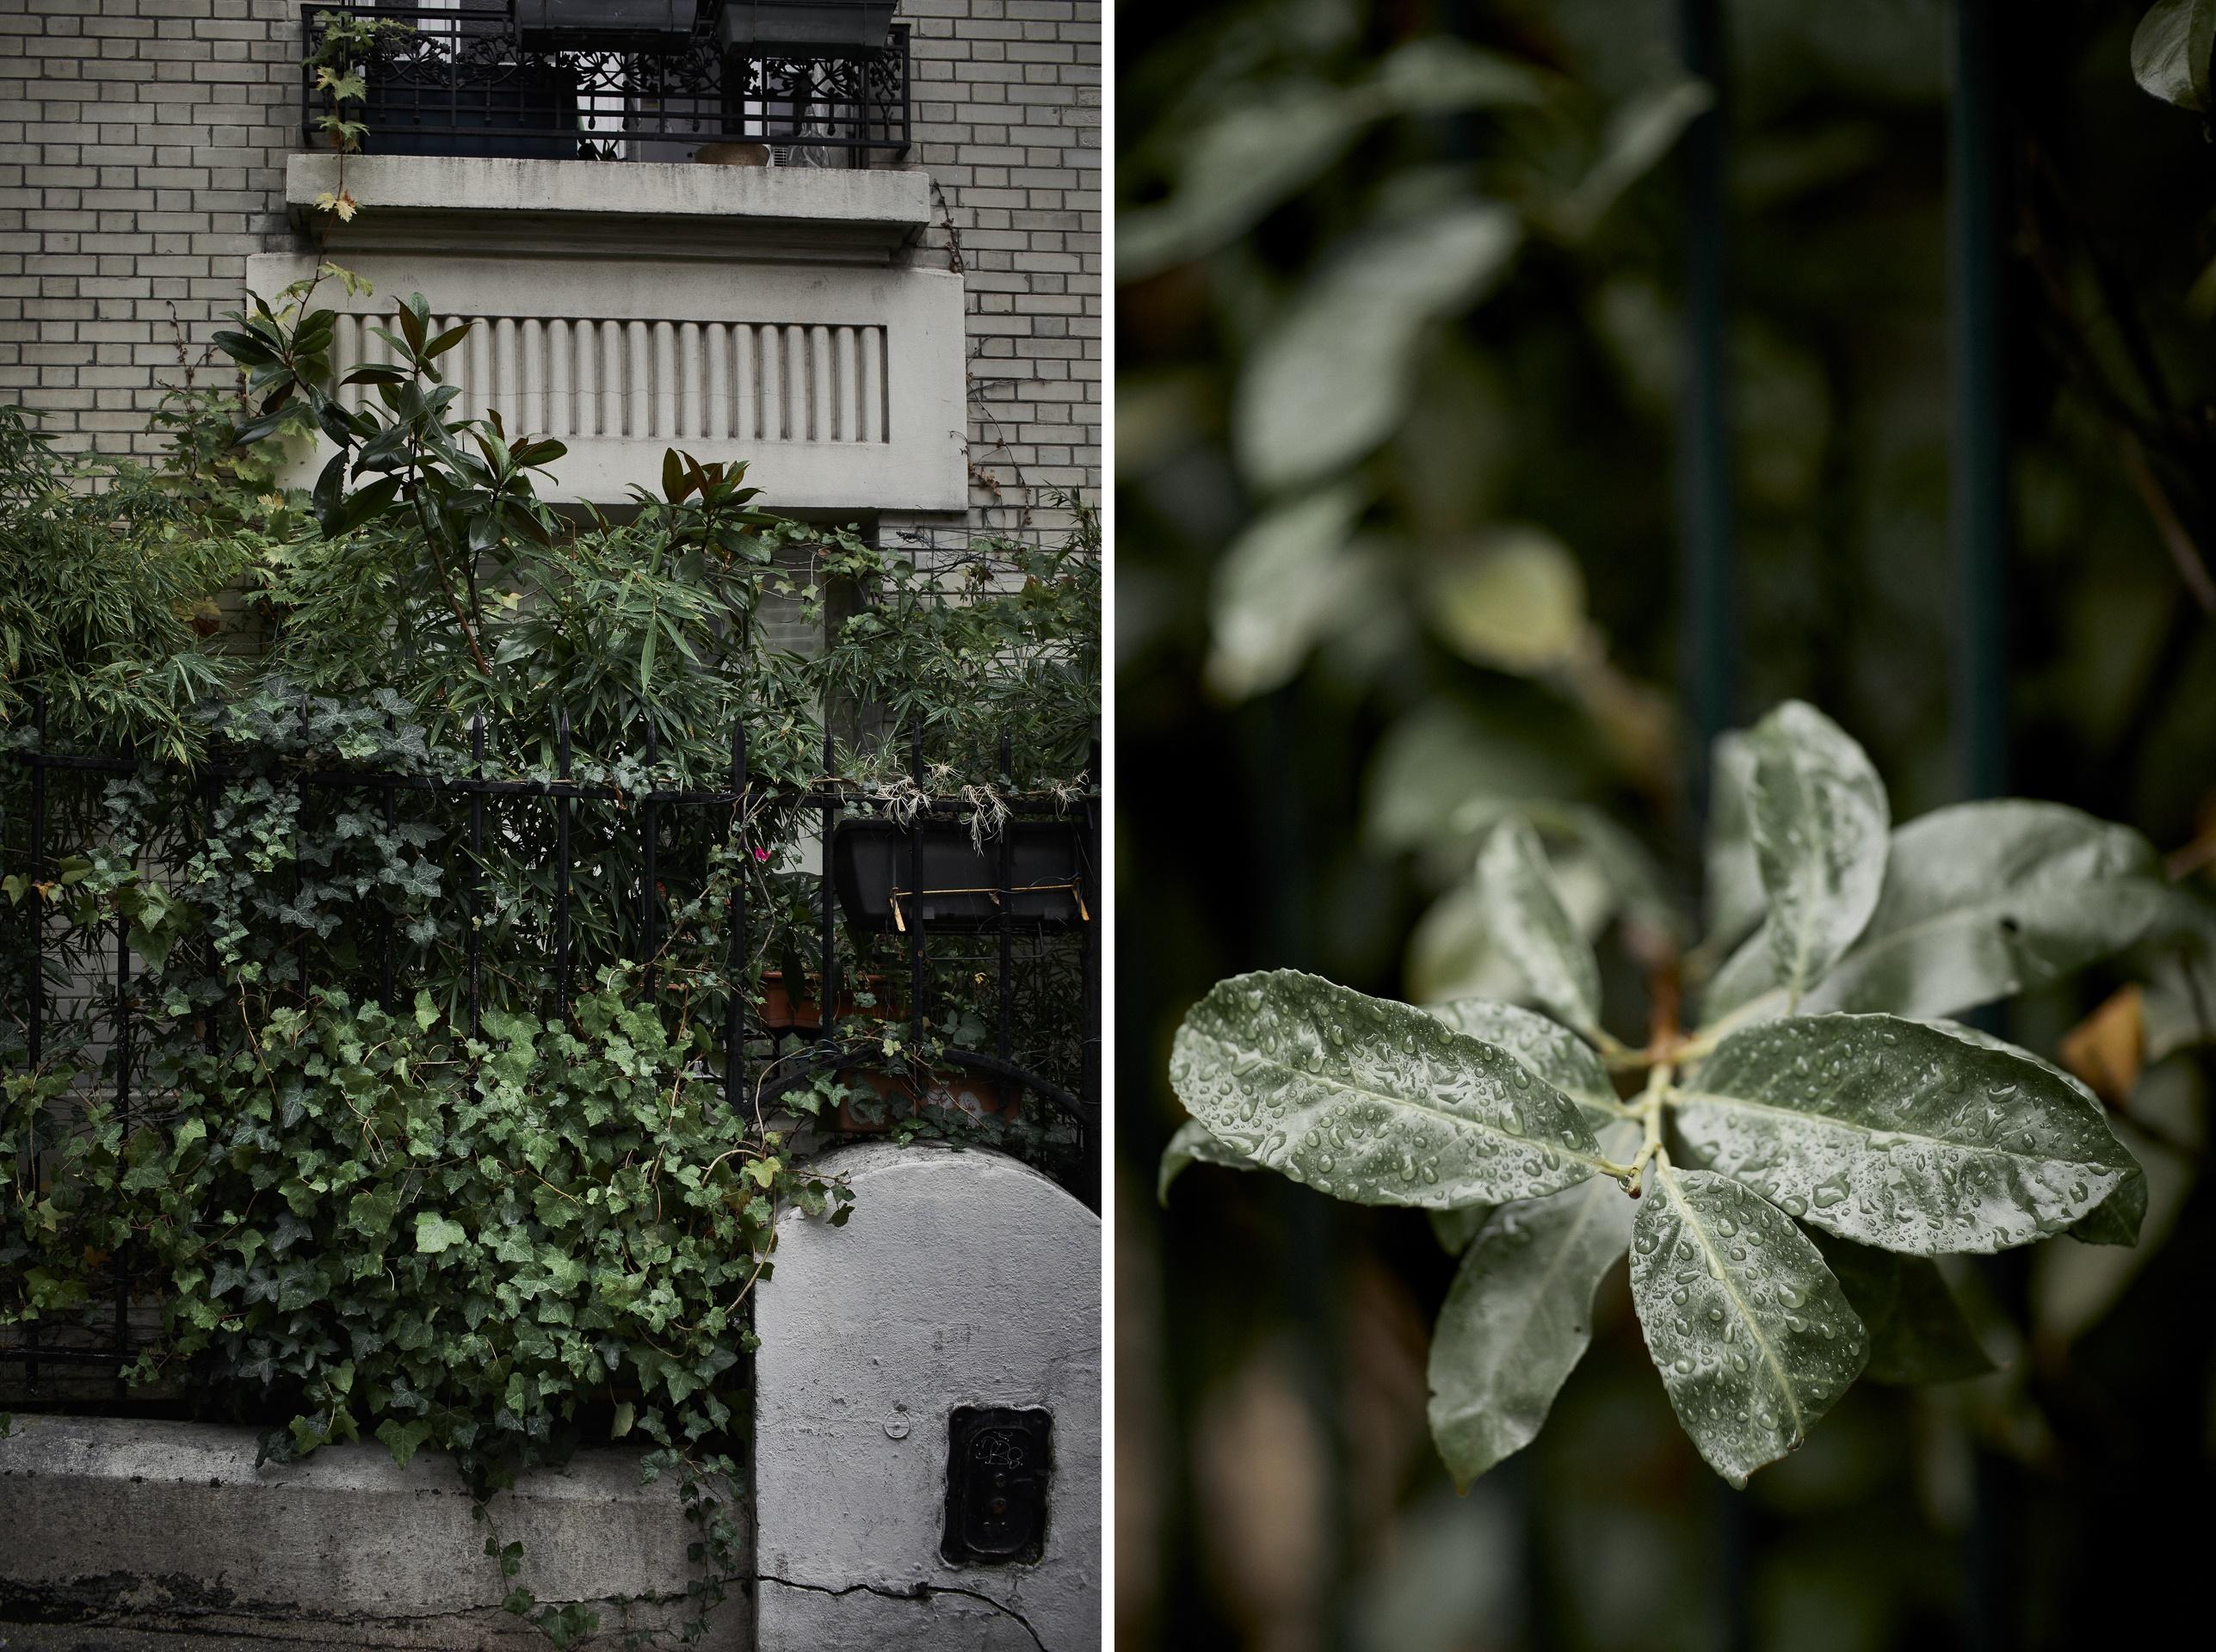 sesja ślubna za granicą - Maison Rose w dzielnicy Montmartre